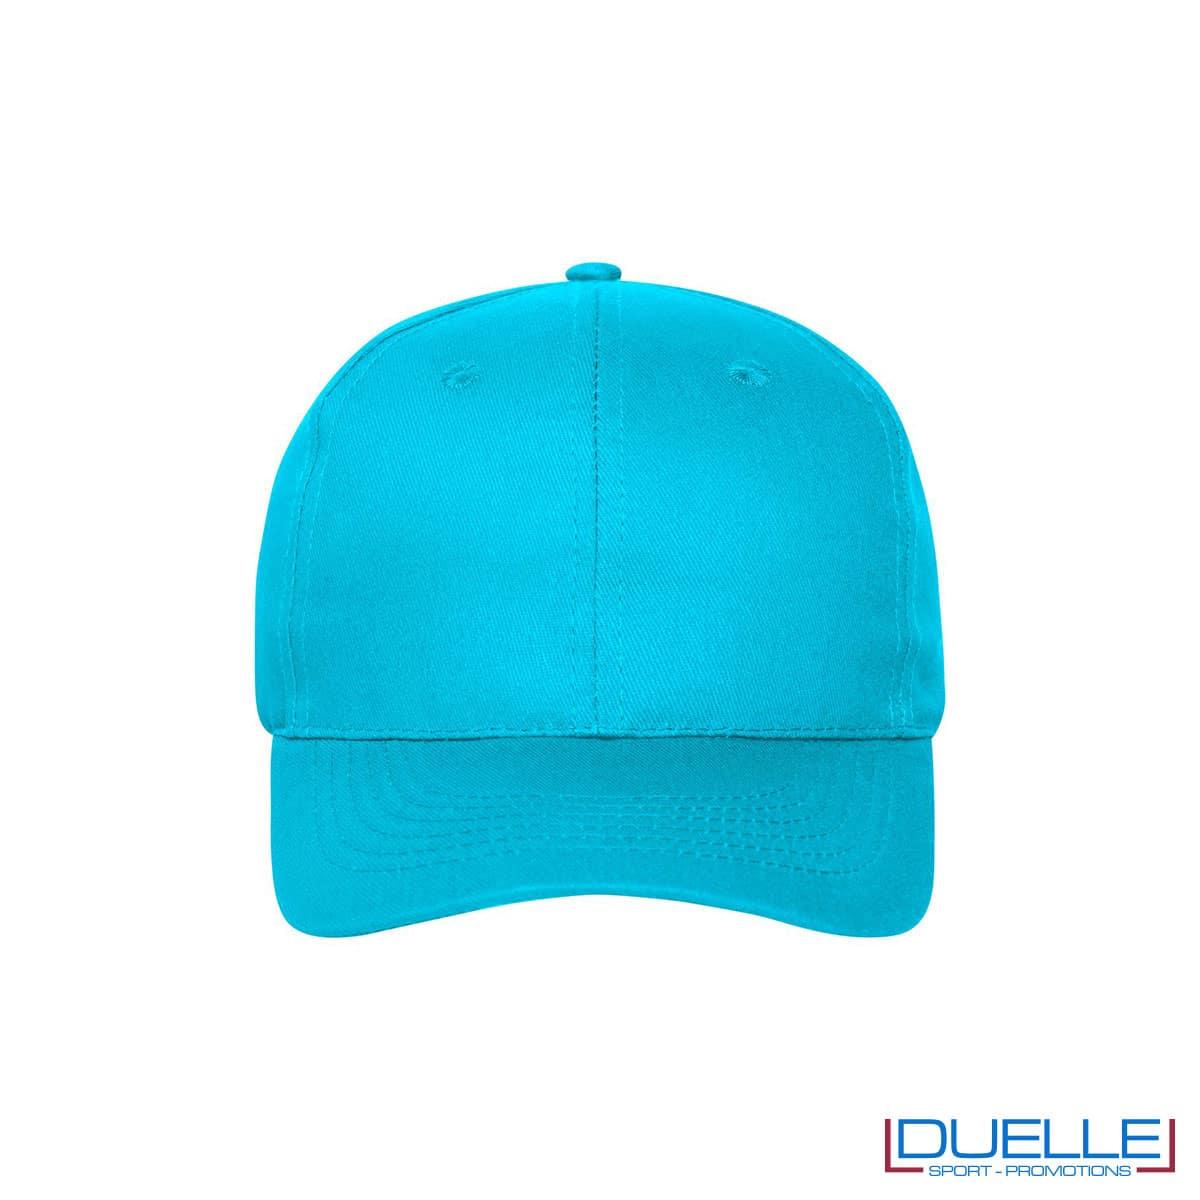 Cappellino cotone organico 6 pannelli colore turchese